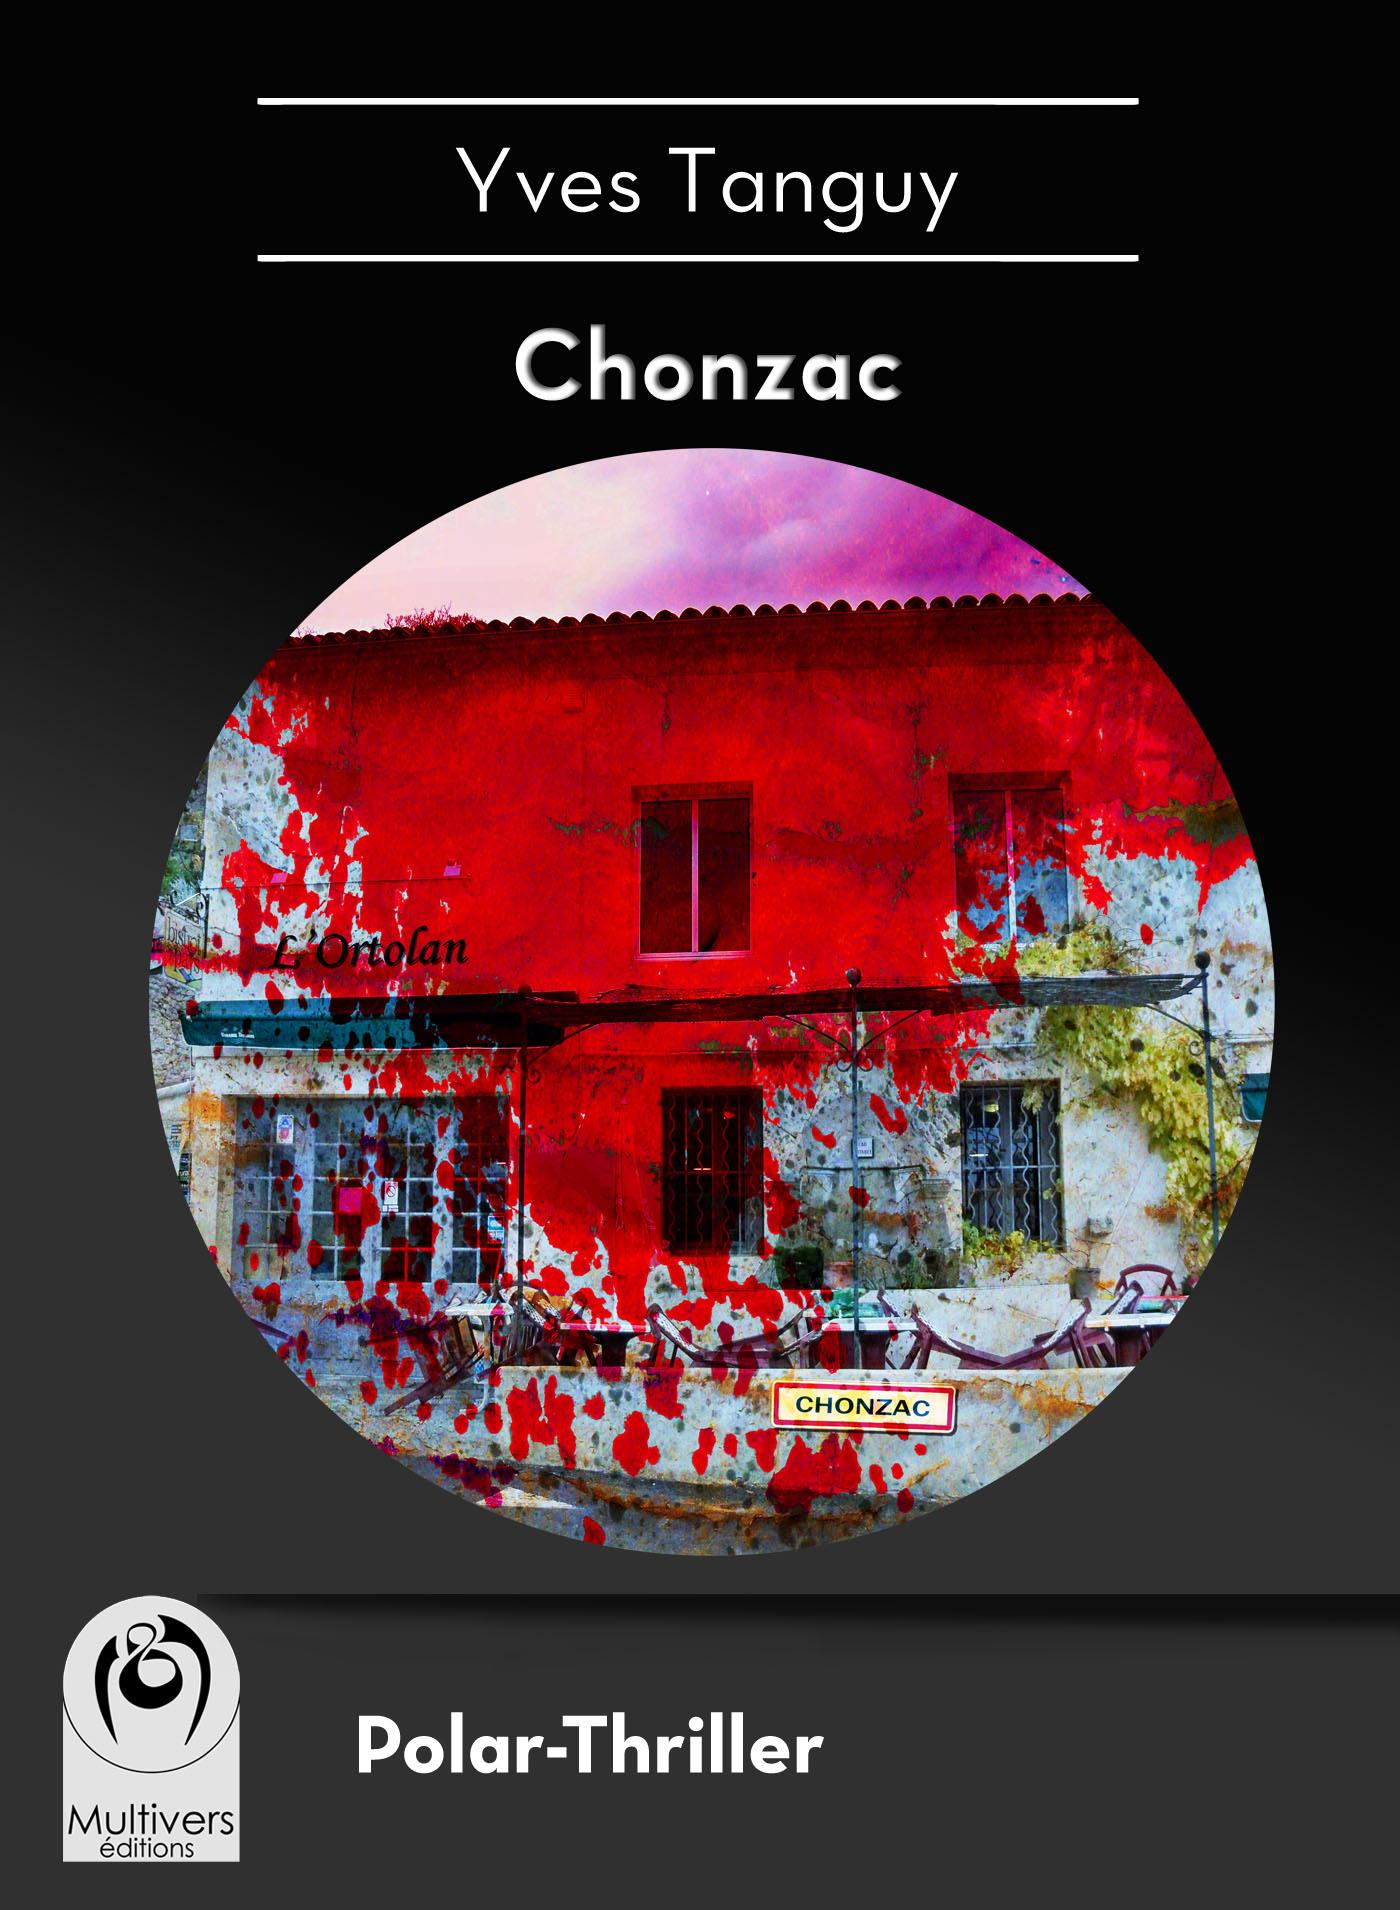 Chonzac